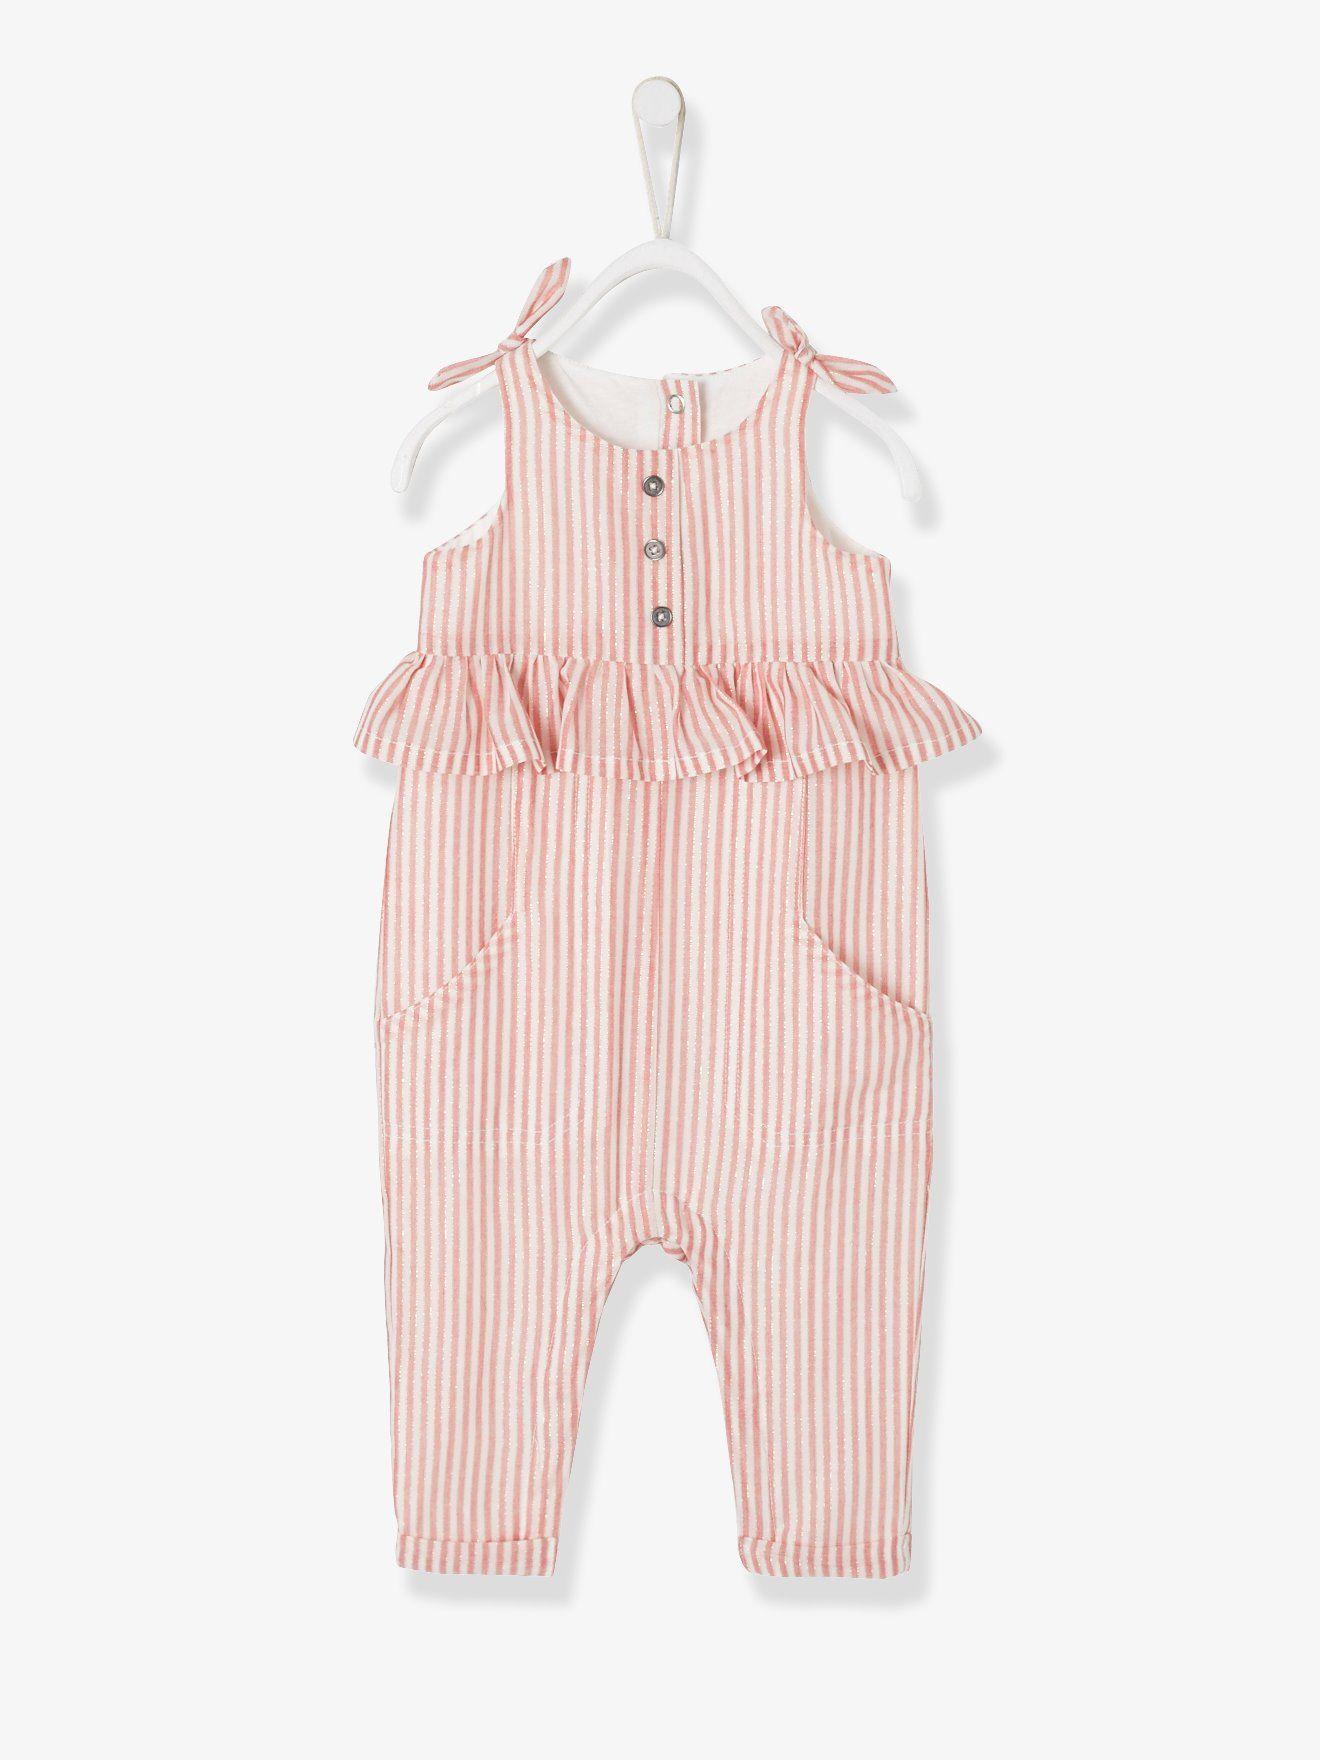 Schnelle Lieferung größte Auswahl großer Abverkauf Jumpsuit with Iridescent Stripes for Baby Girls - pink dark ...